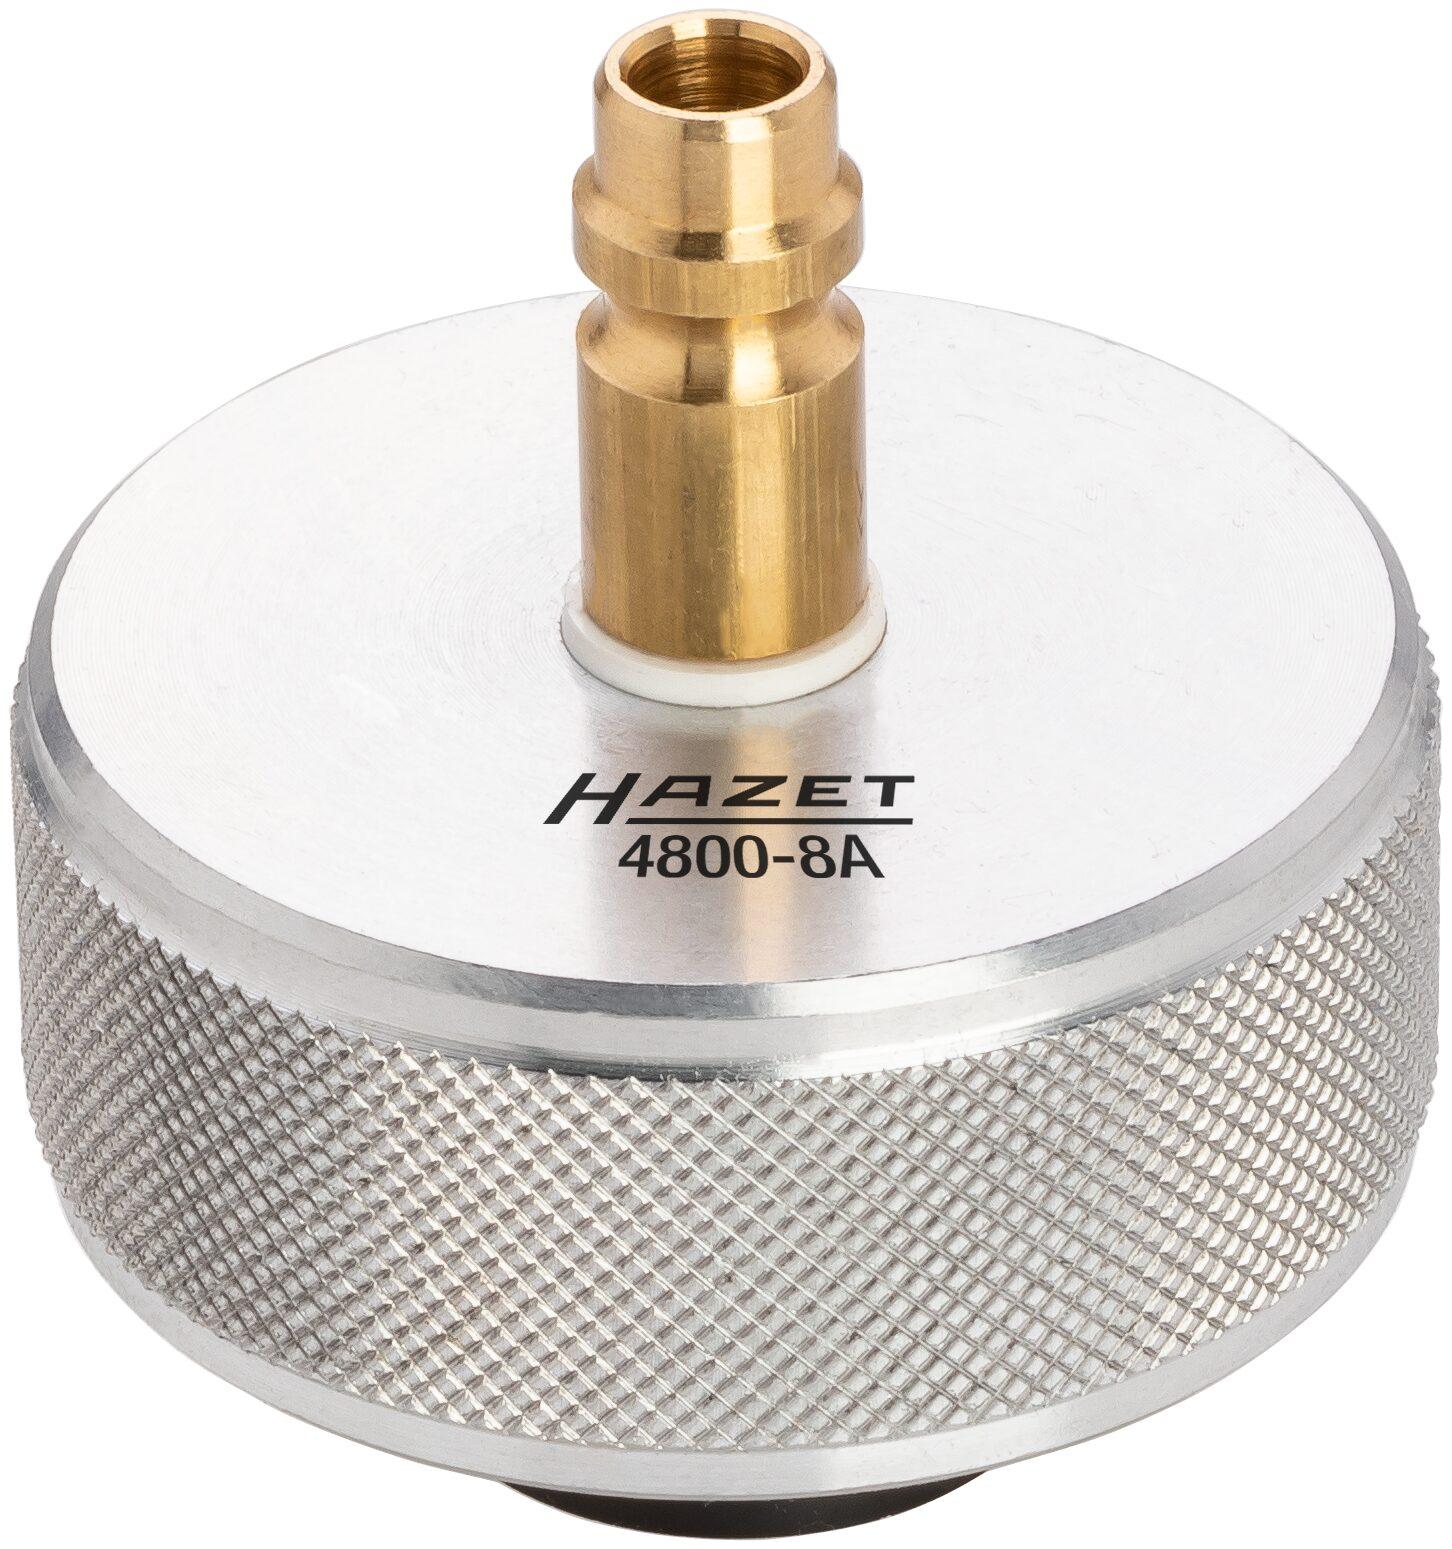 HAZET Kühlerpumpe und -adapter 4800-8A